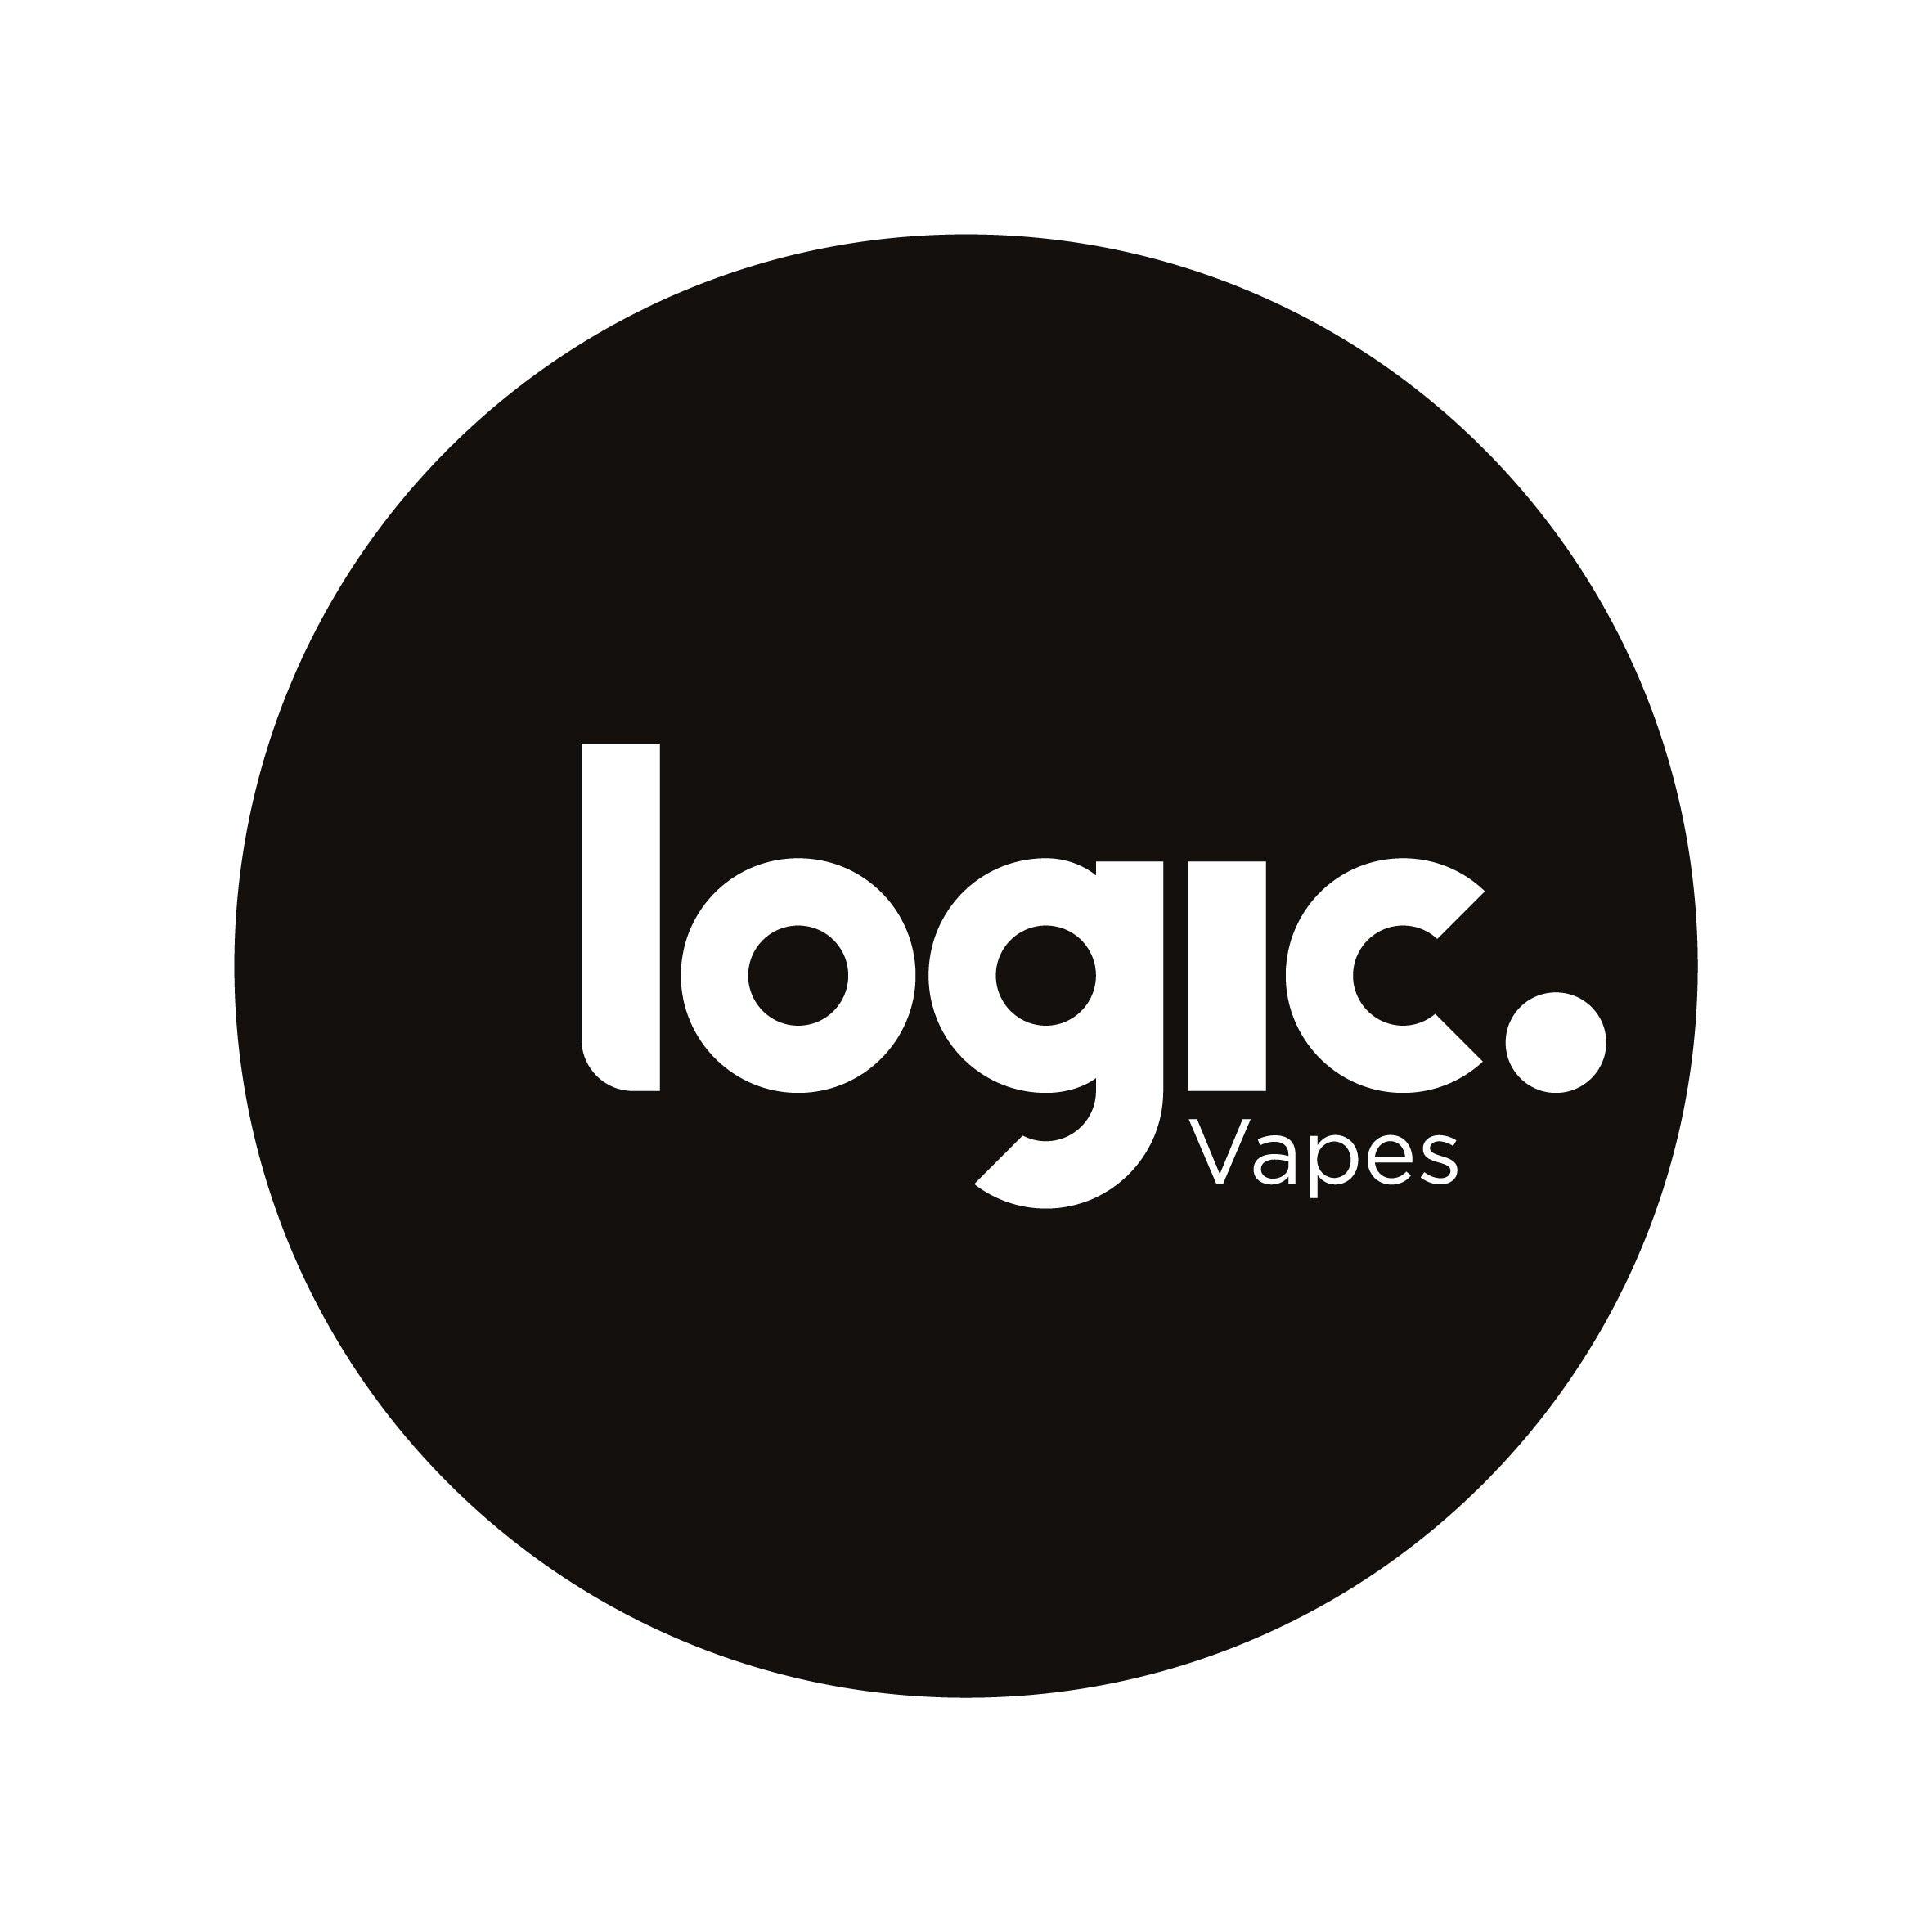 LOGIC LOGO Vapes.jpg